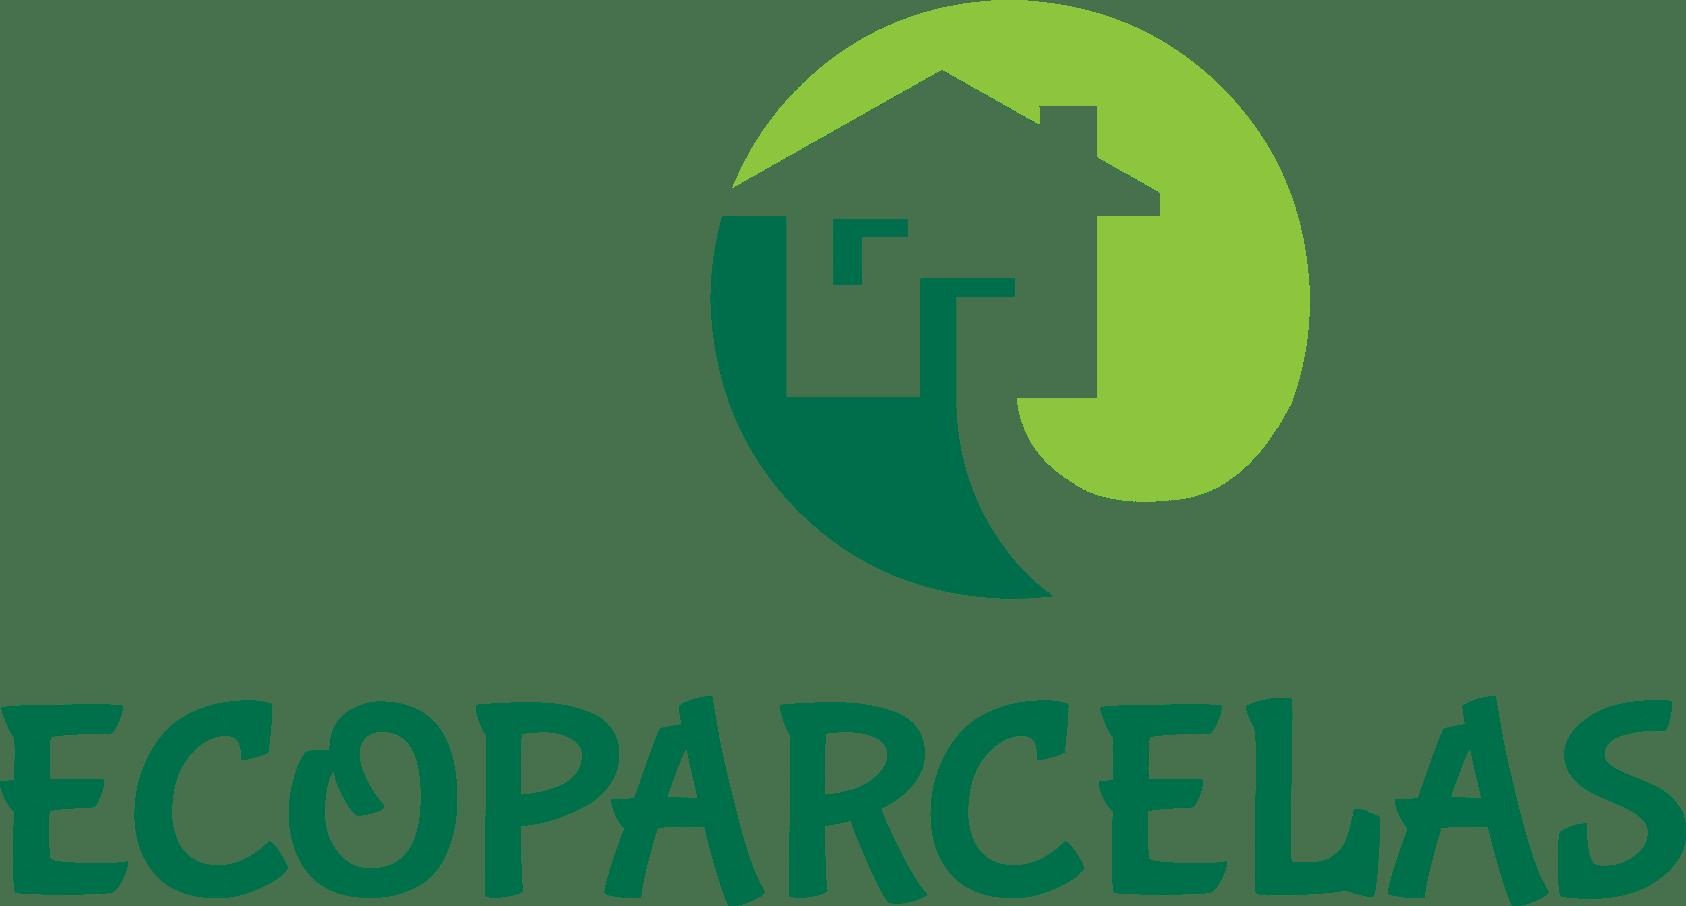 Mantenimiento de parcelas y segundas residencias